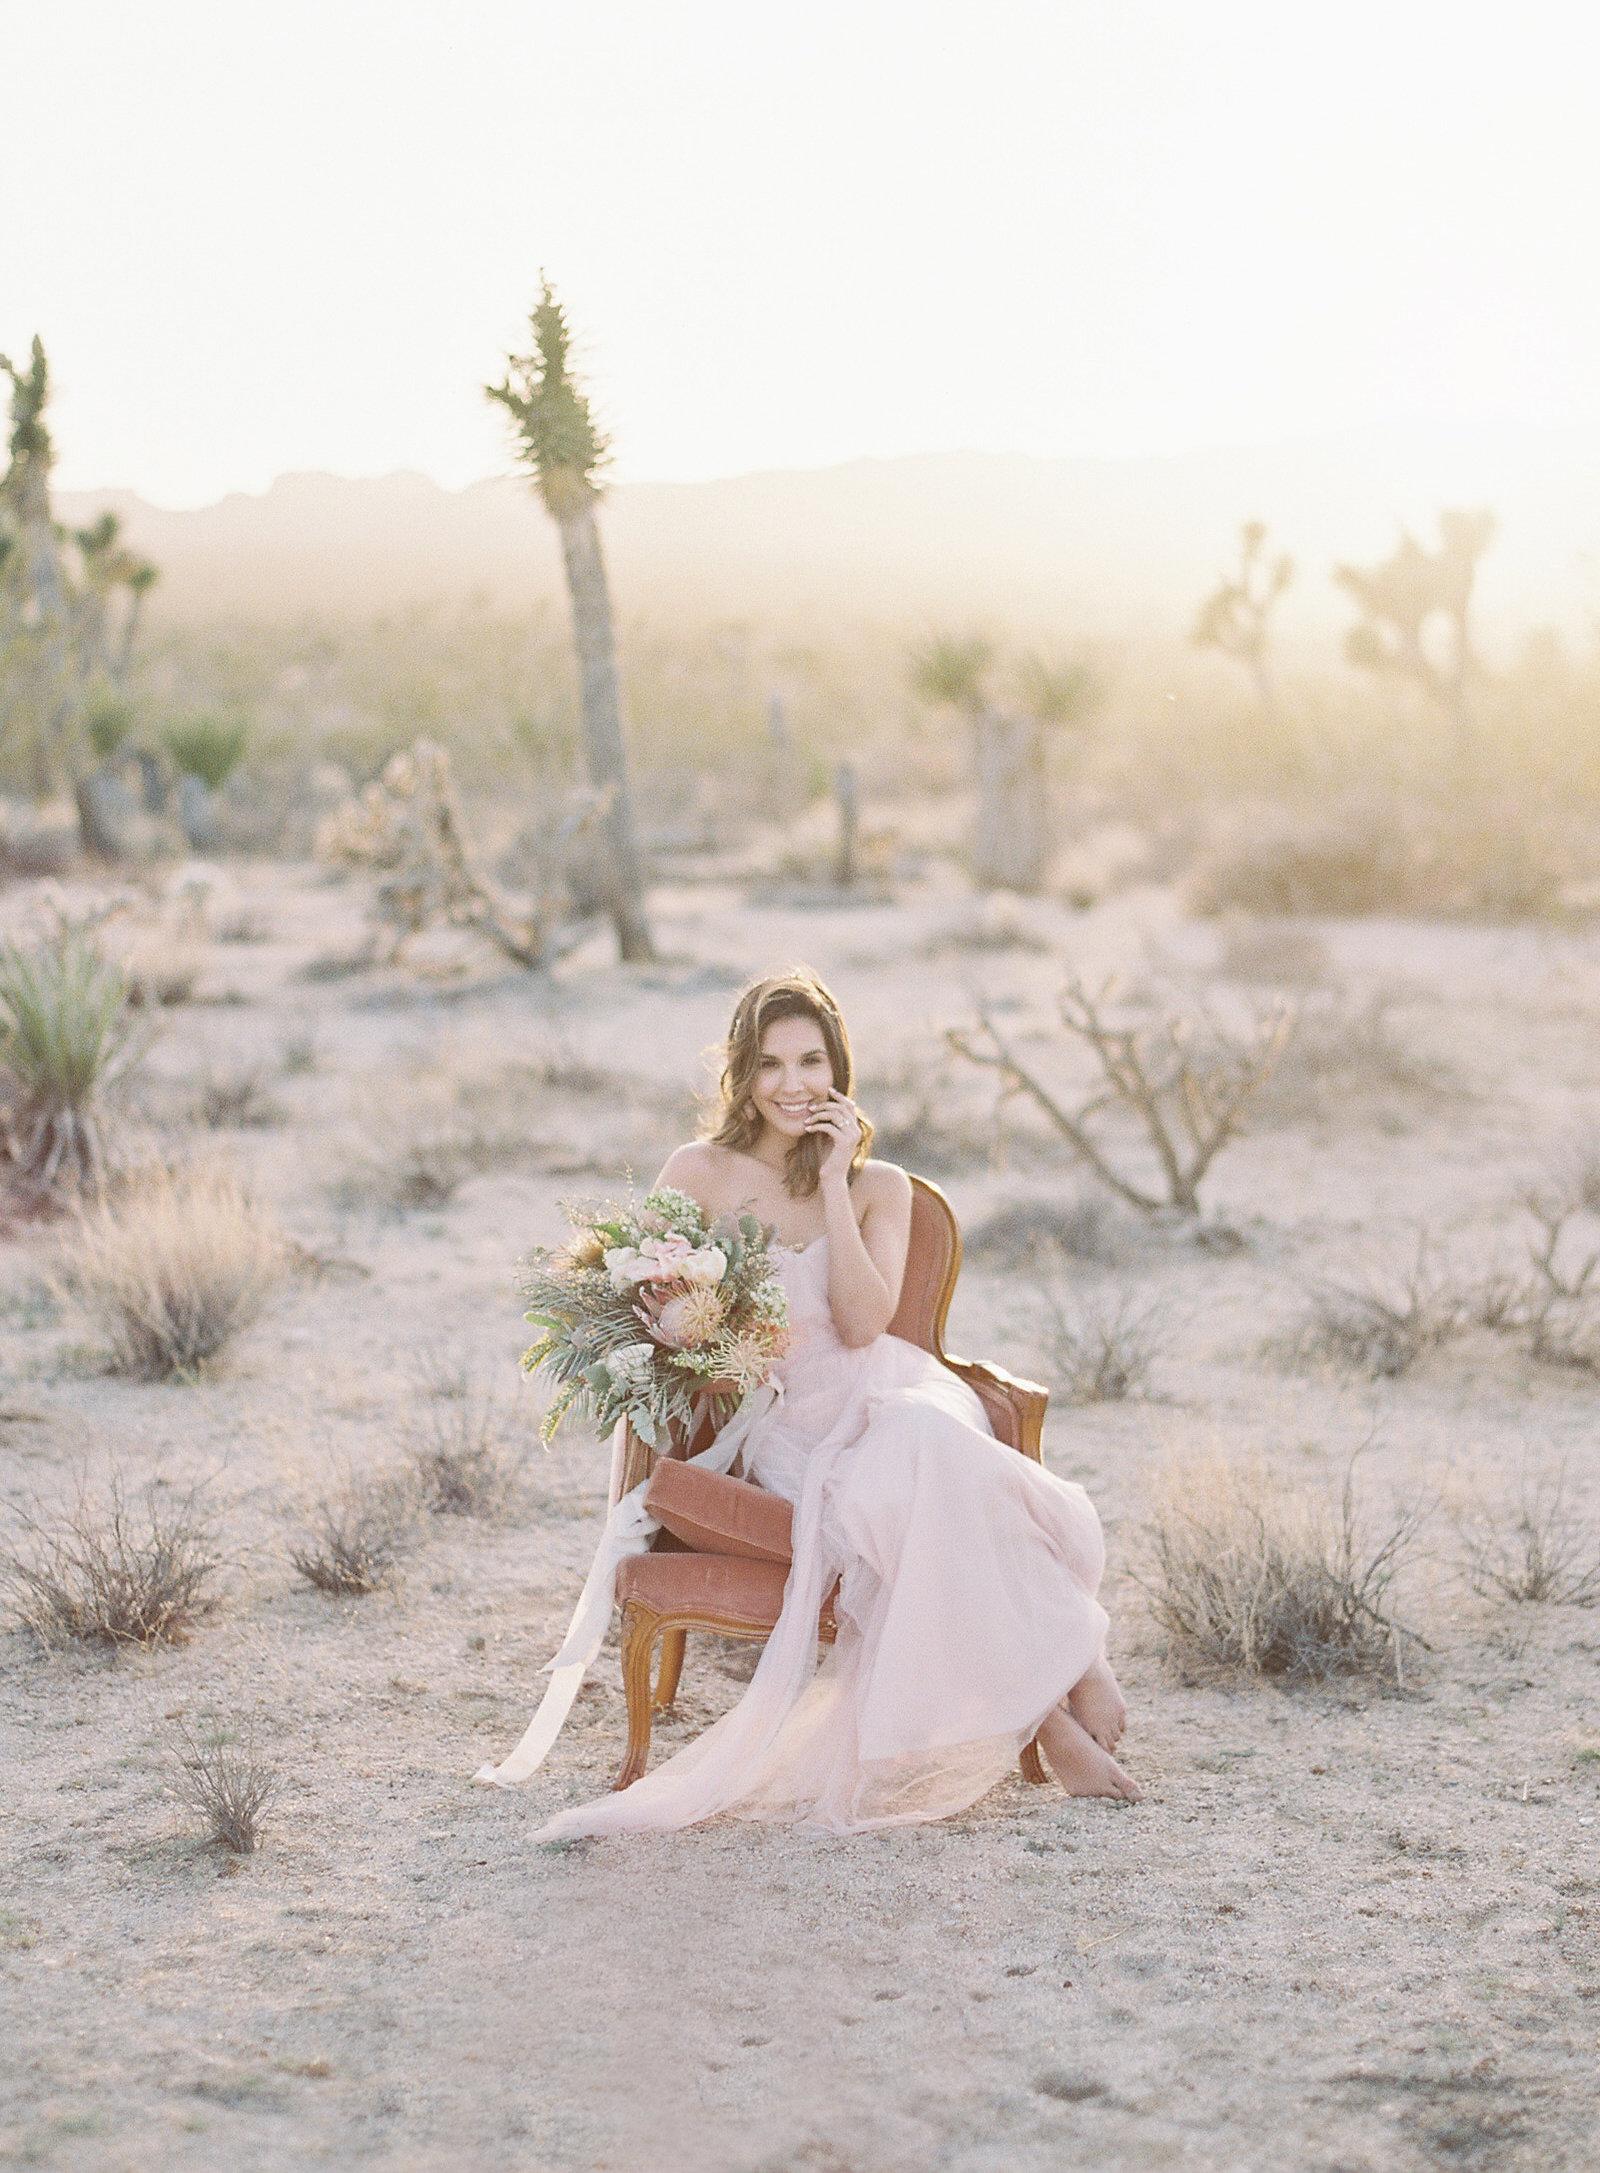 Desert_©_Oliver_Fly_Photography_30.jpg